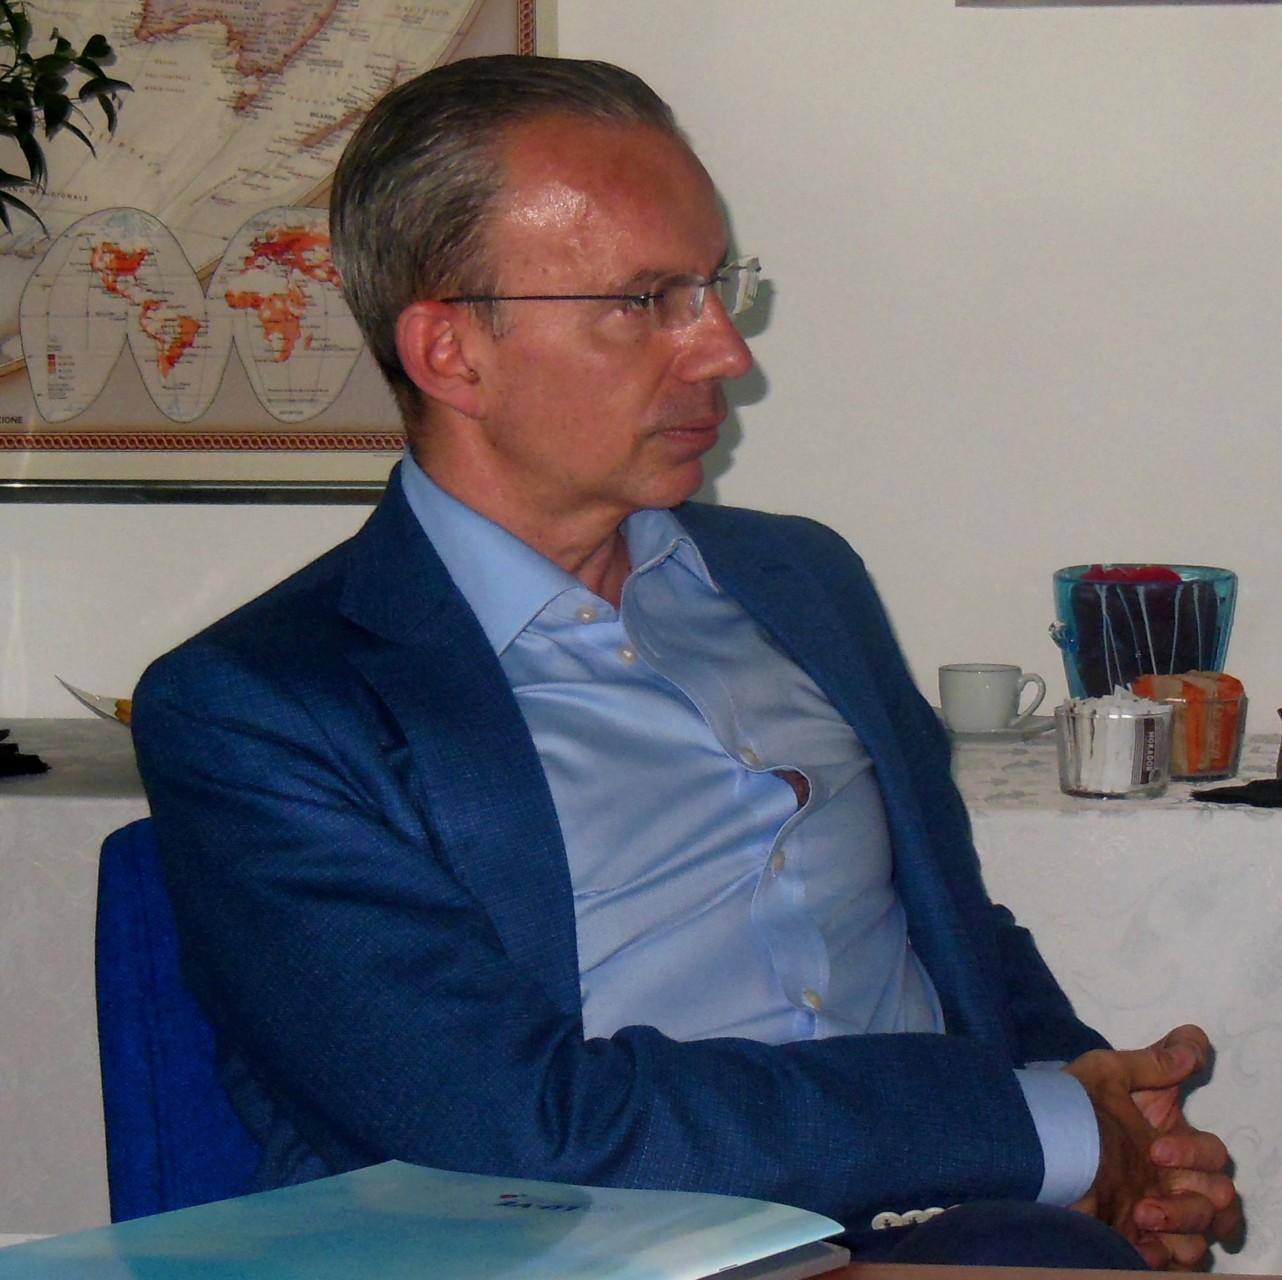 FRANCHI STEFANO (direttore generale Federmeccanica)